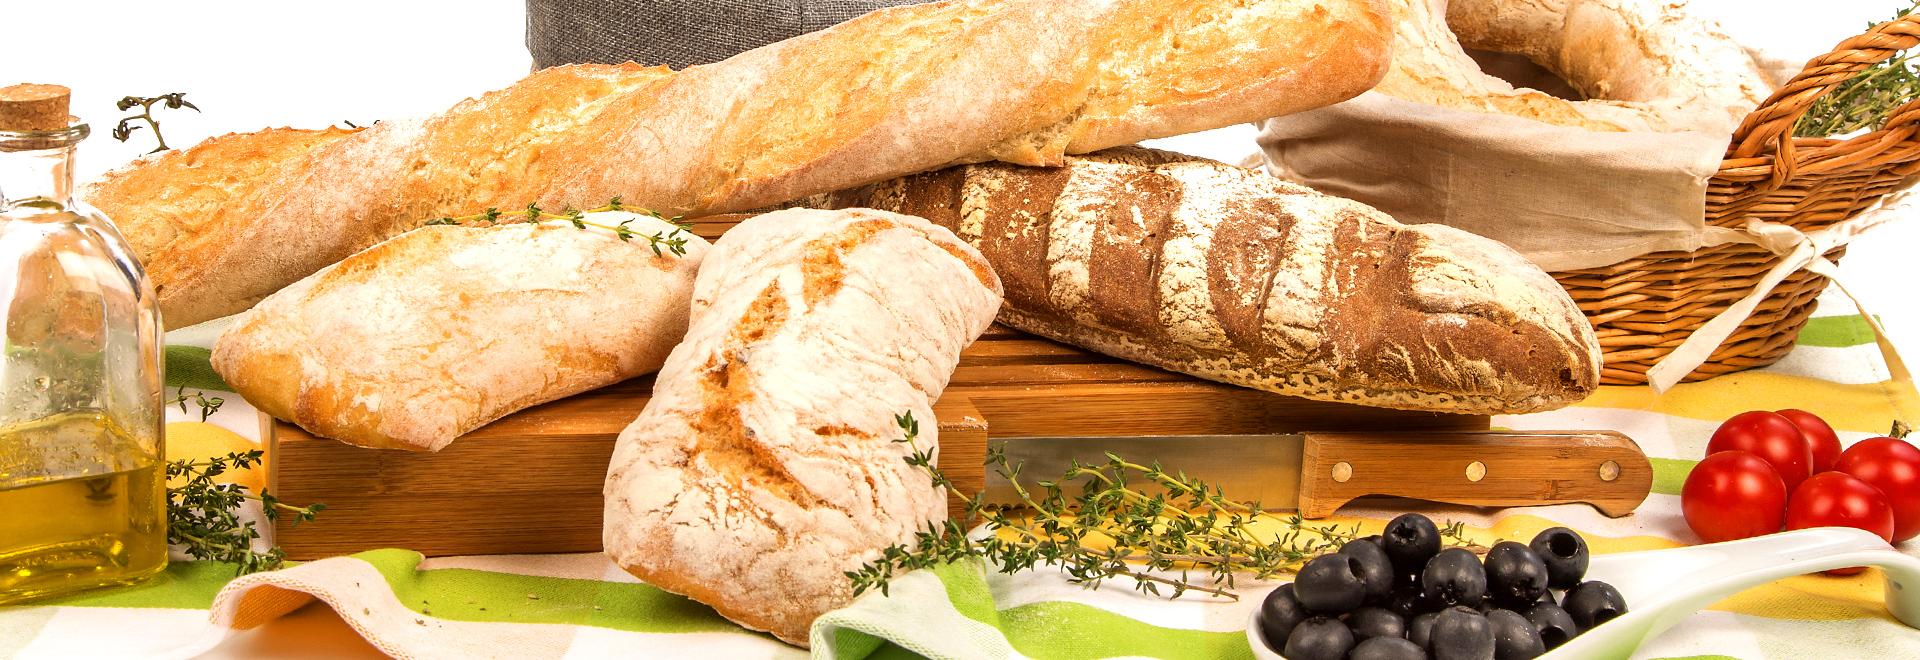 Изкушаващо разнообразие*и истински вкус на хляб